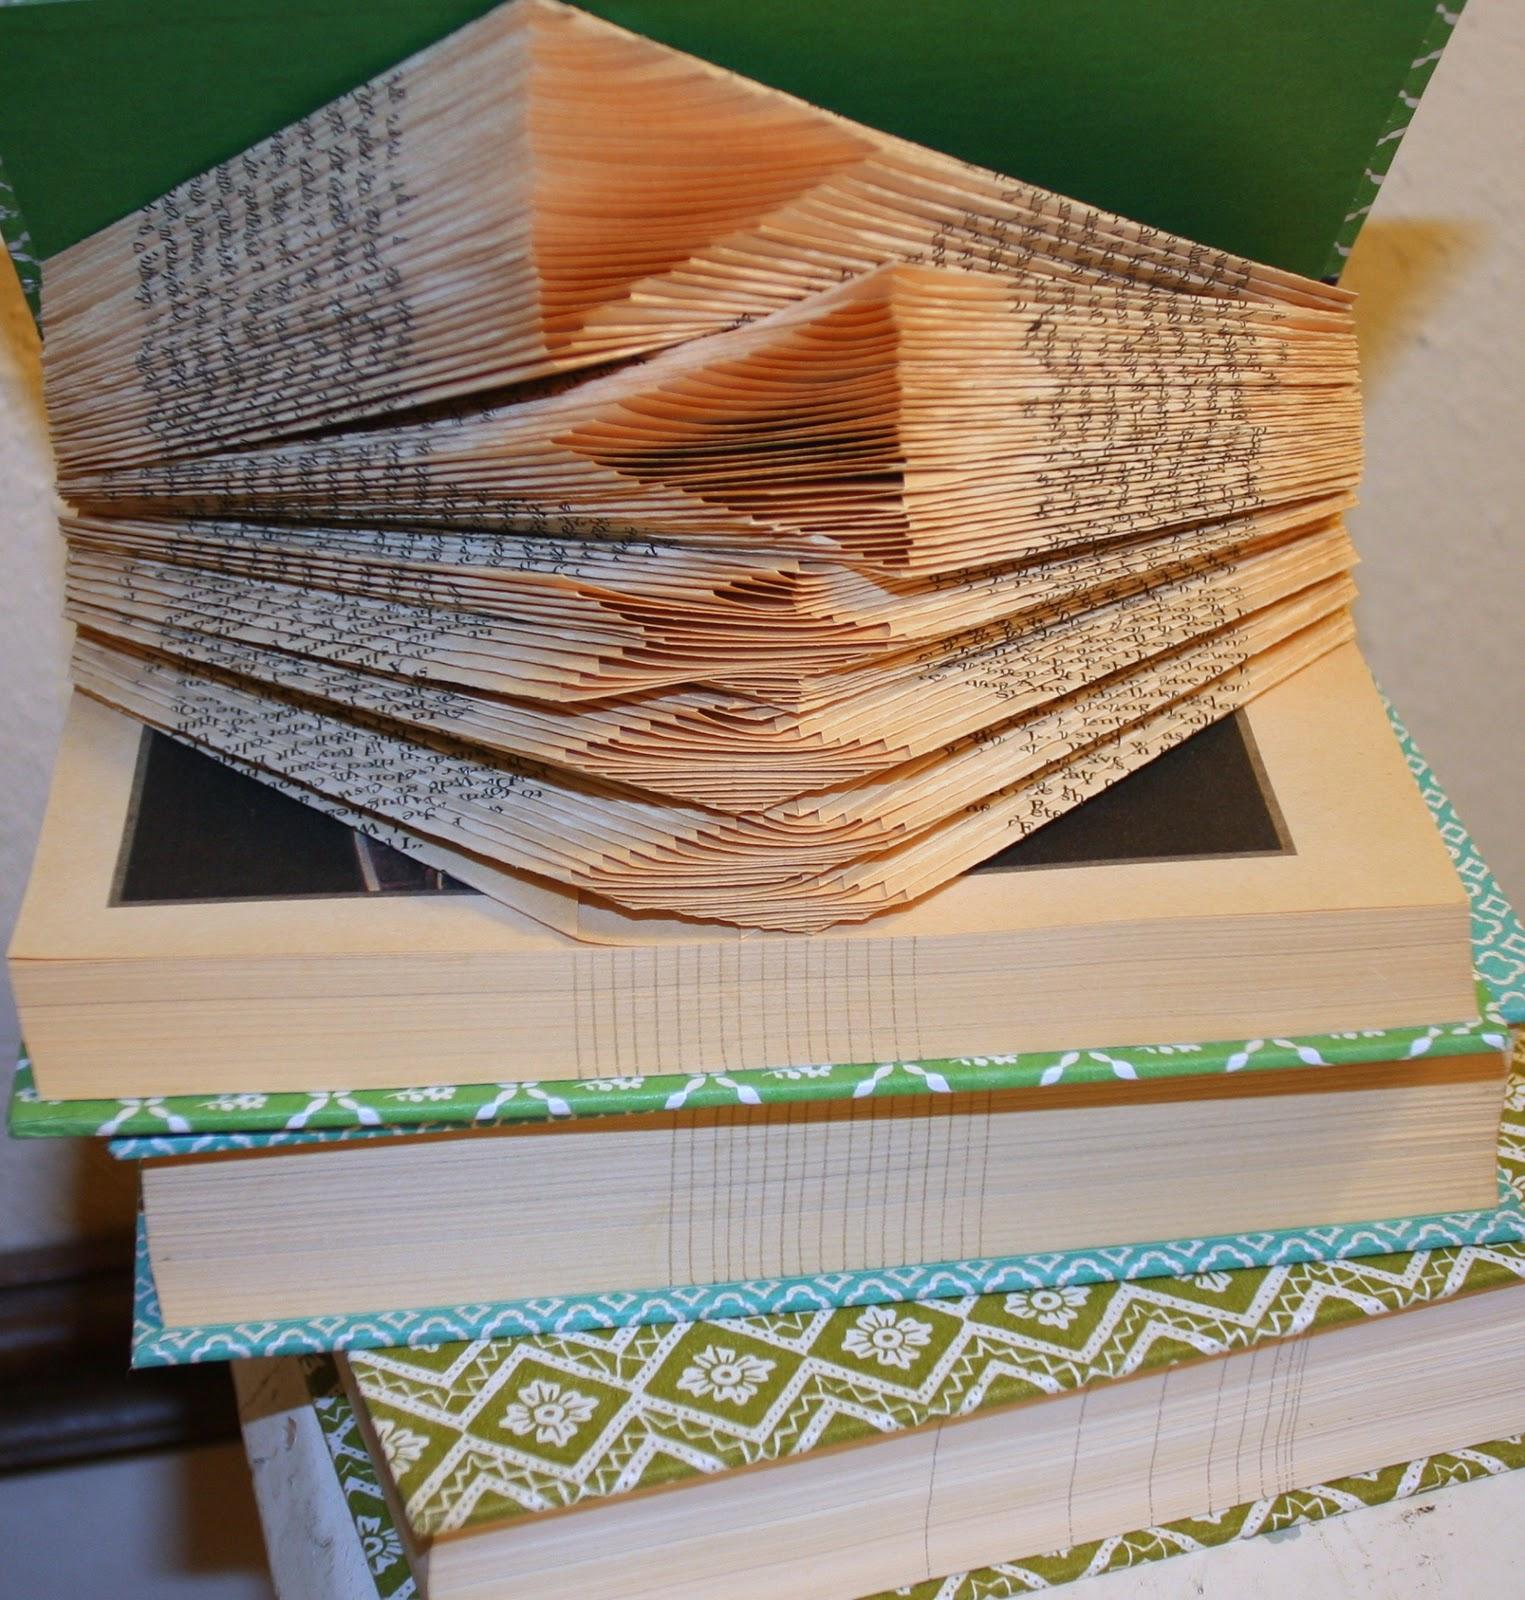 http://2.bp.blogspot.com/_8a32mAwsnms/TP29fOMMj0I/AAAAAAAAA6E/g09jVQjznGg/s1600/folded+books+12-6-10.JPG